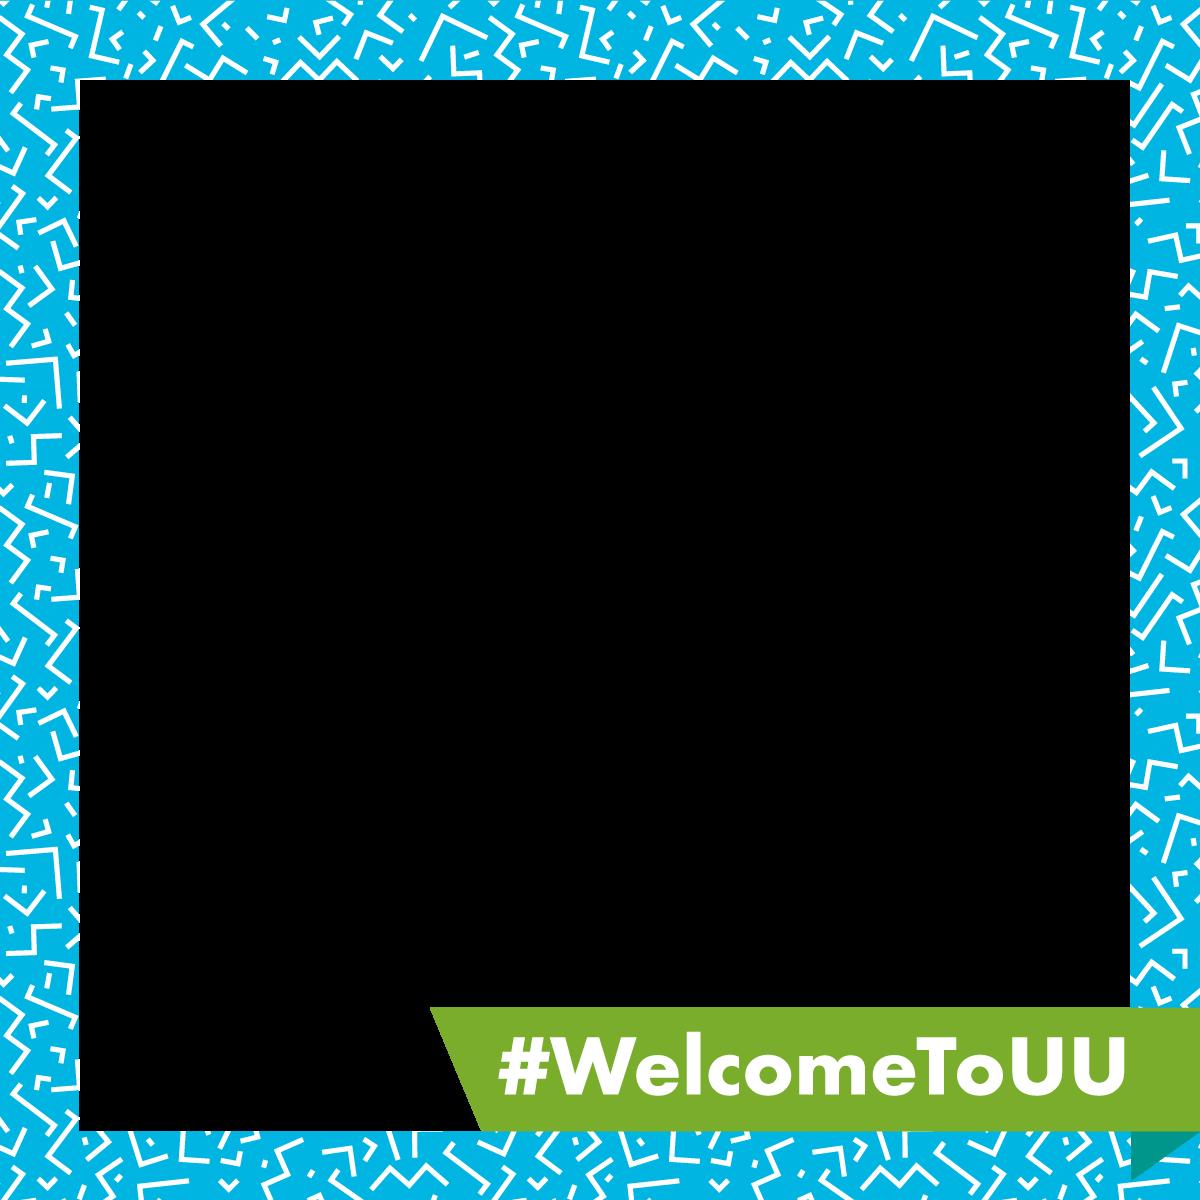 Welcome to UU